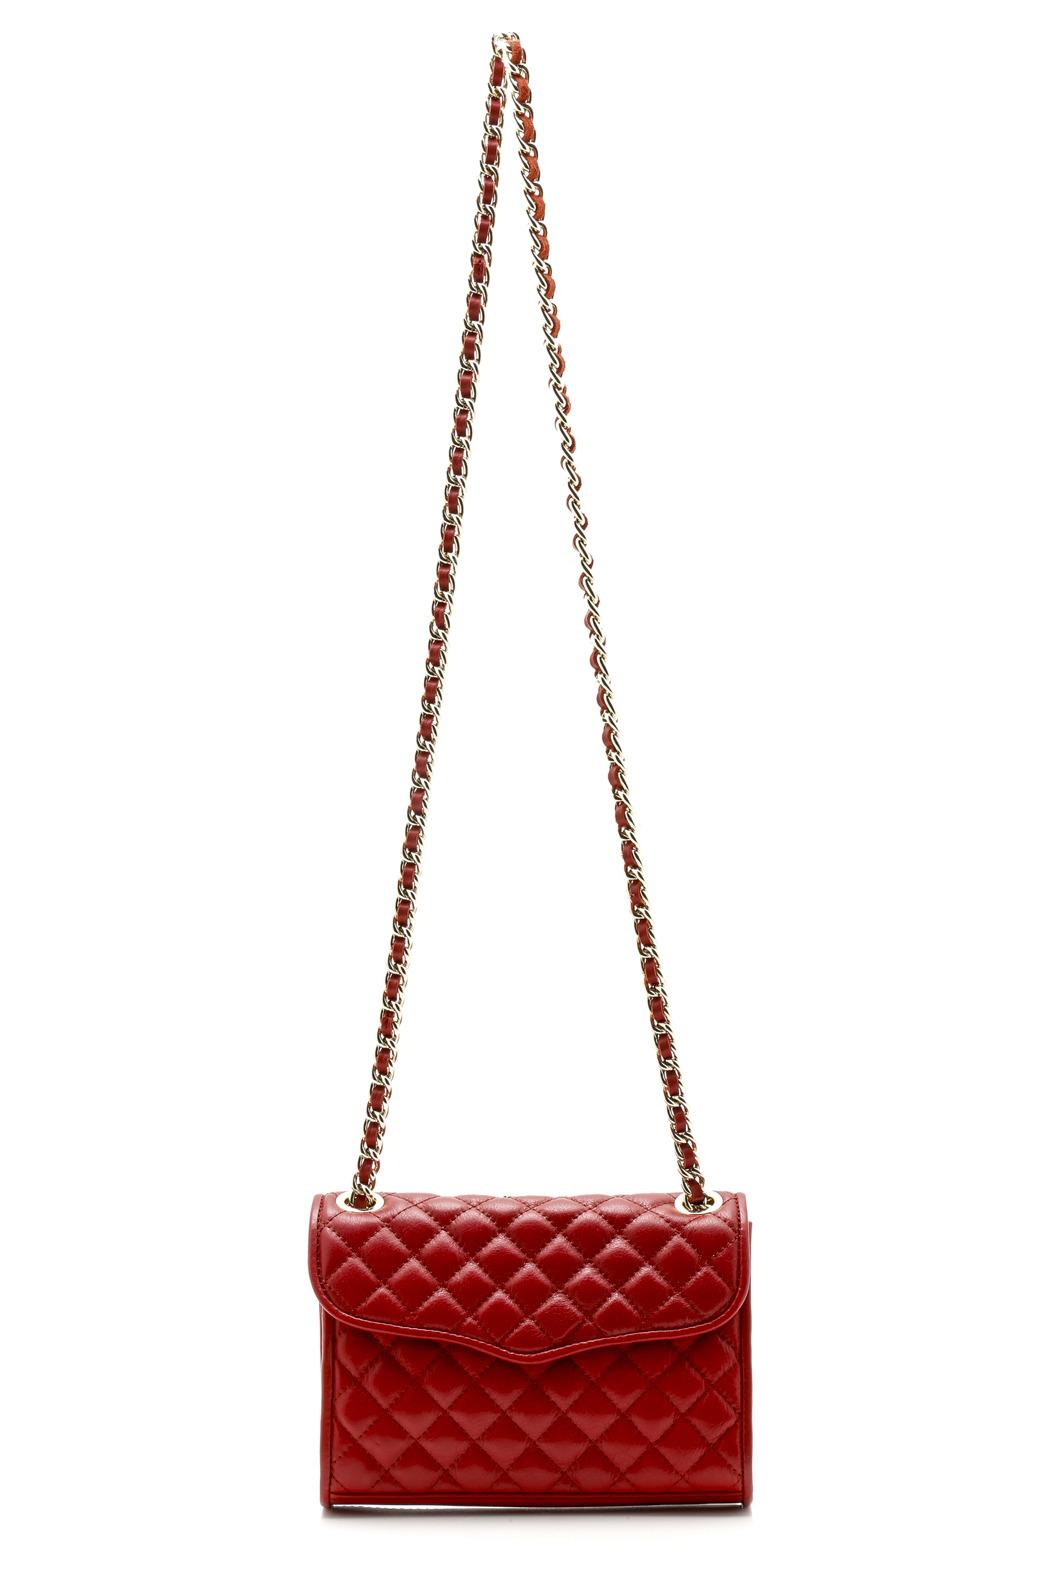 4 Year Luggage/Handbag Protection Plan